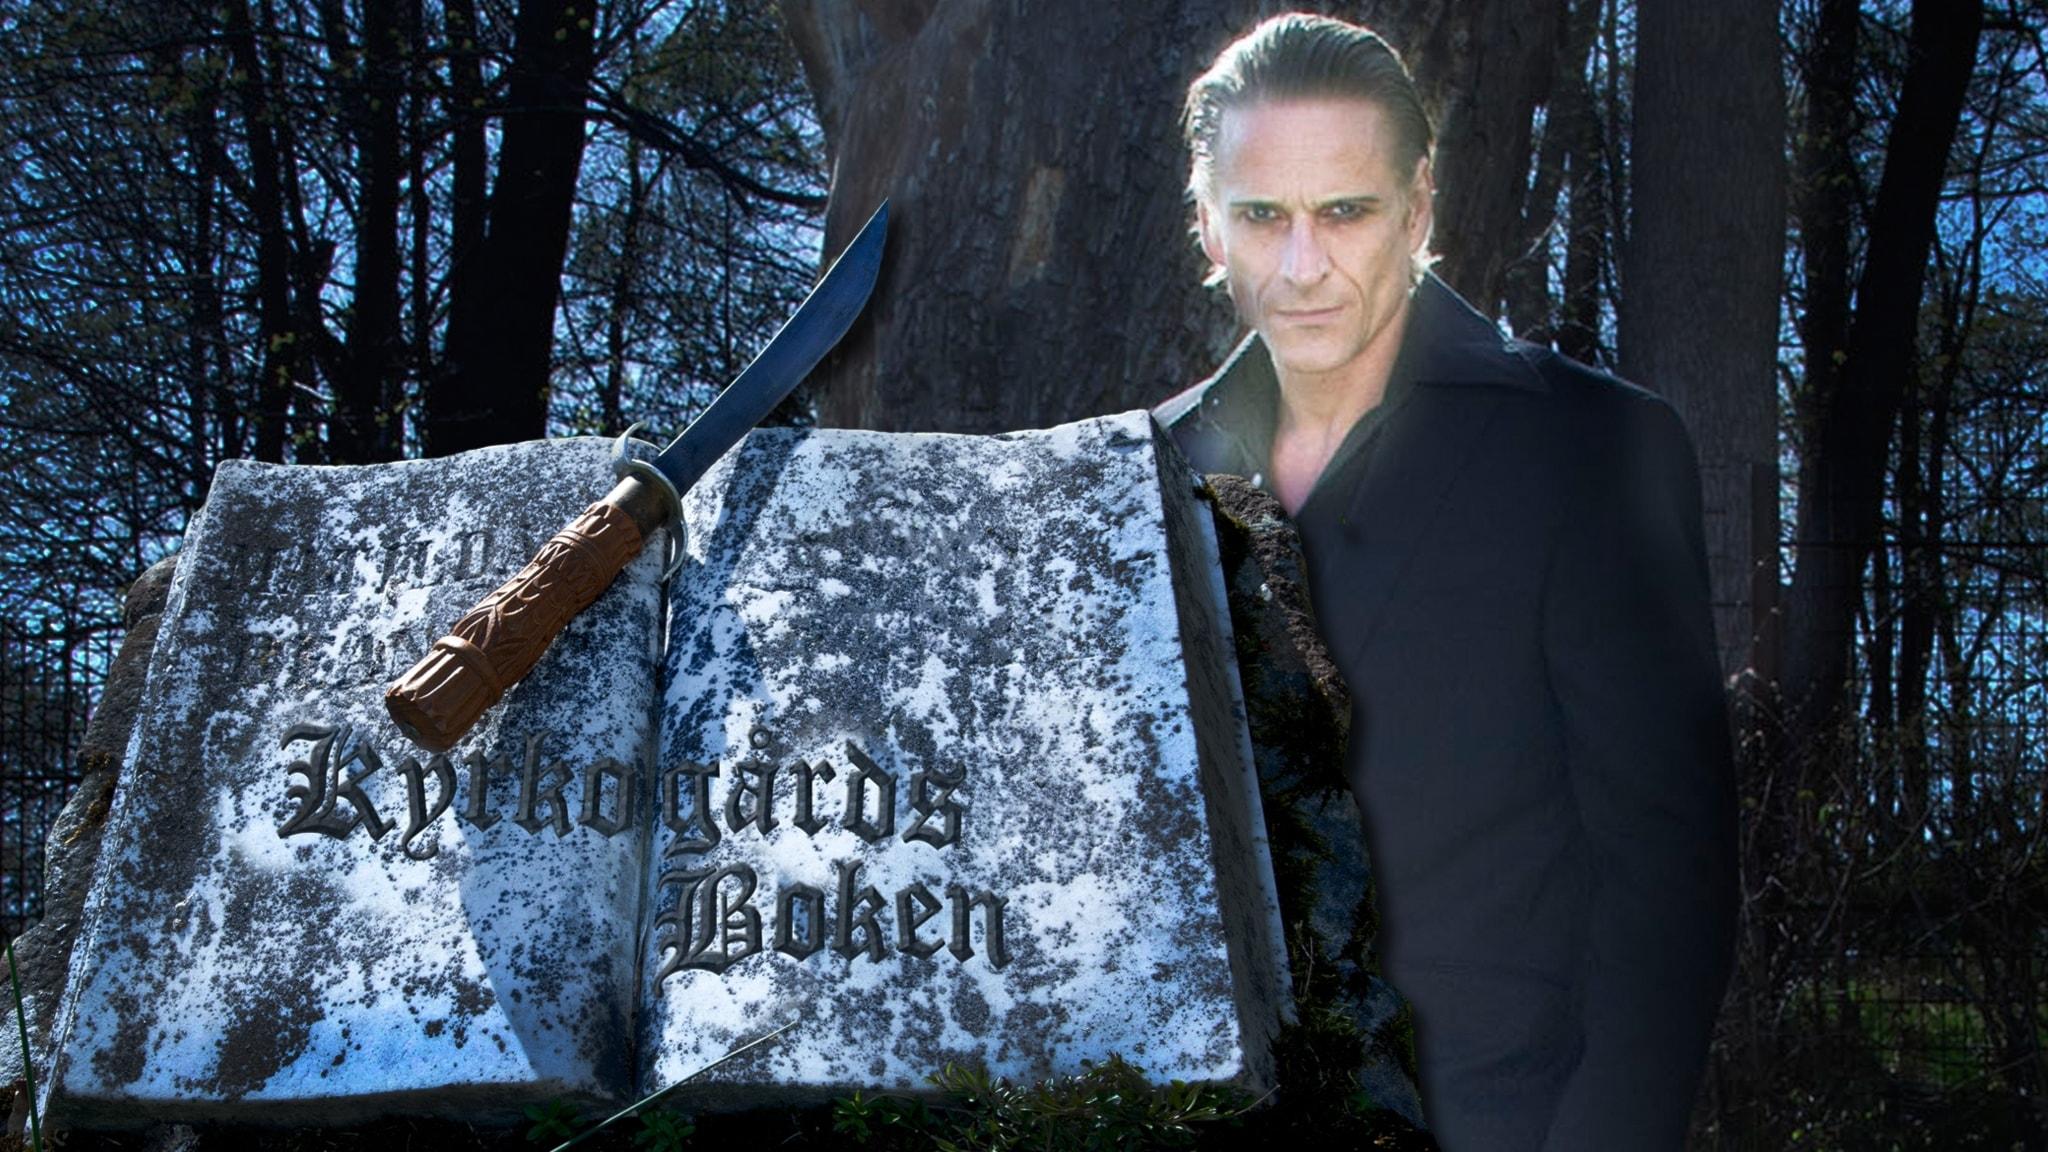 Kyrkogårdsboken: del 5 av 8